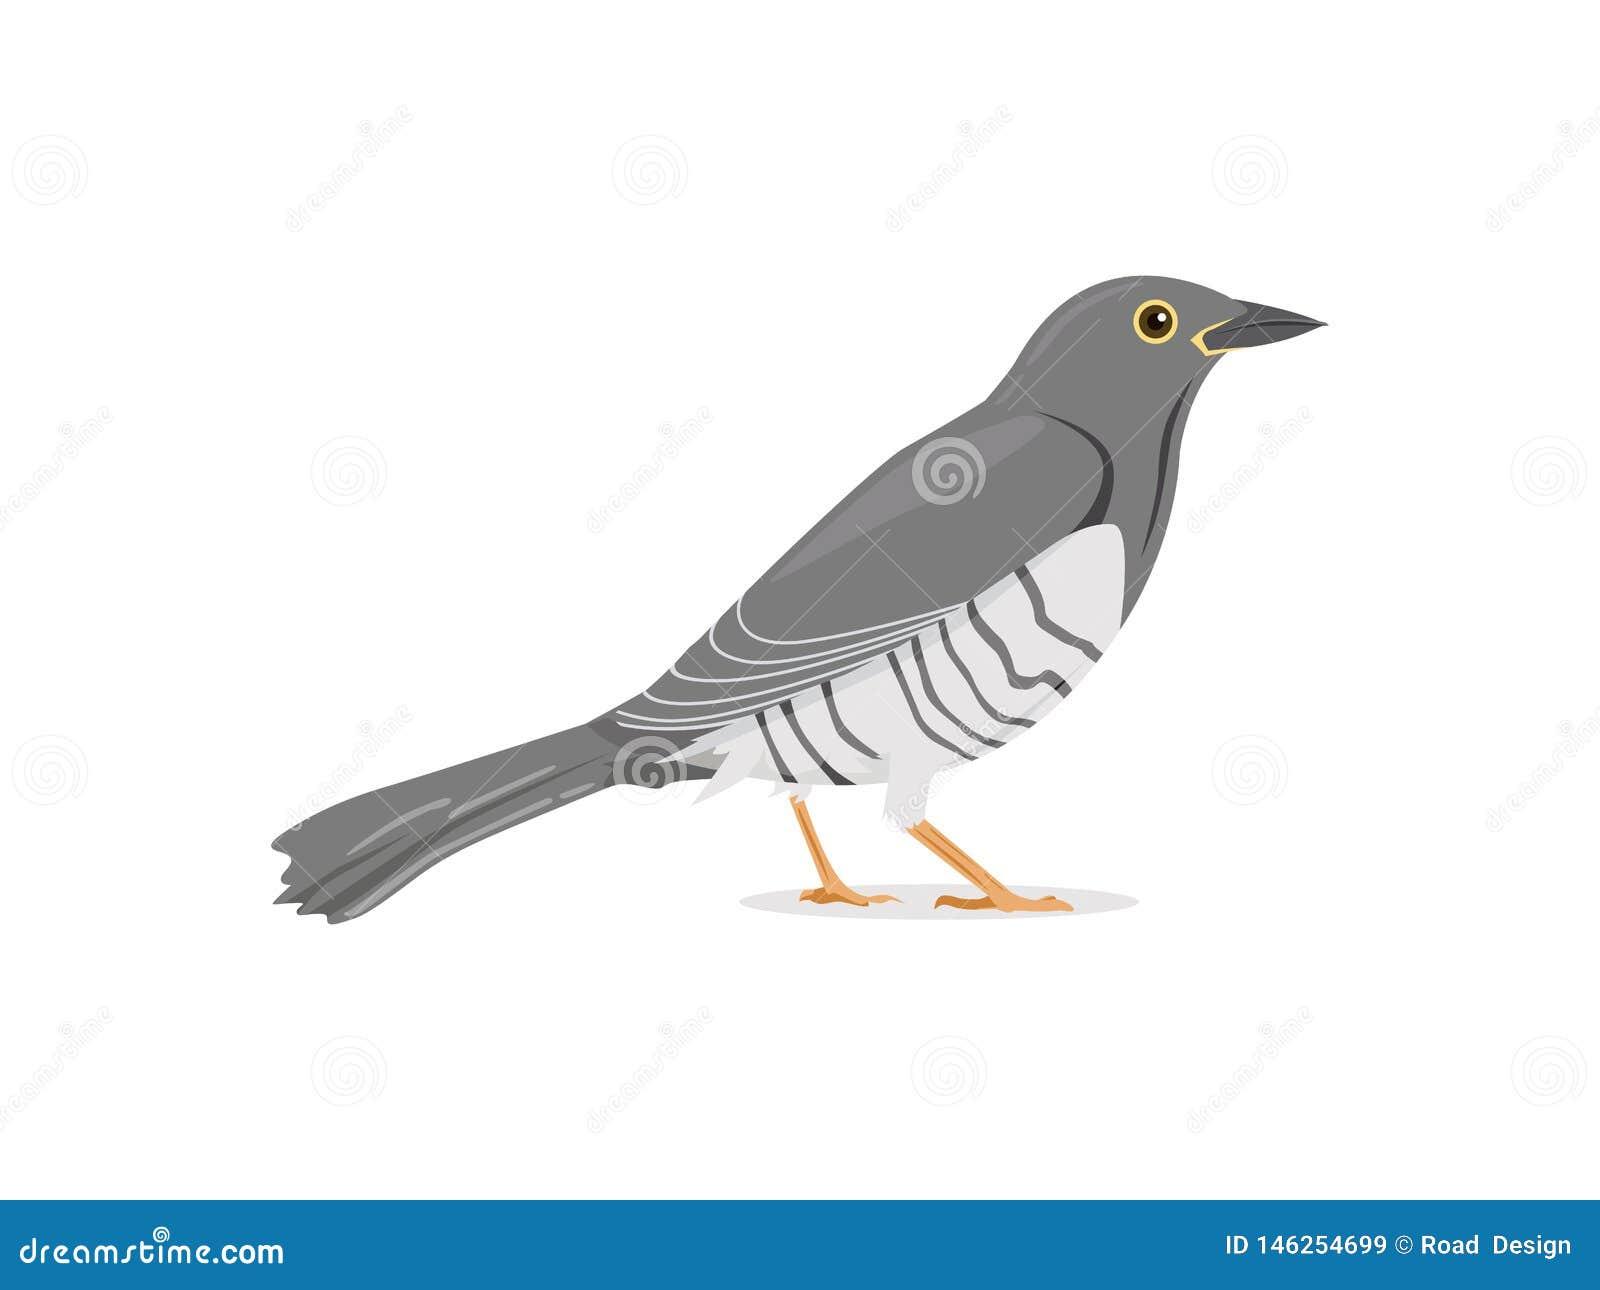 Cuckoo Bird Stand Still Vector Illustration